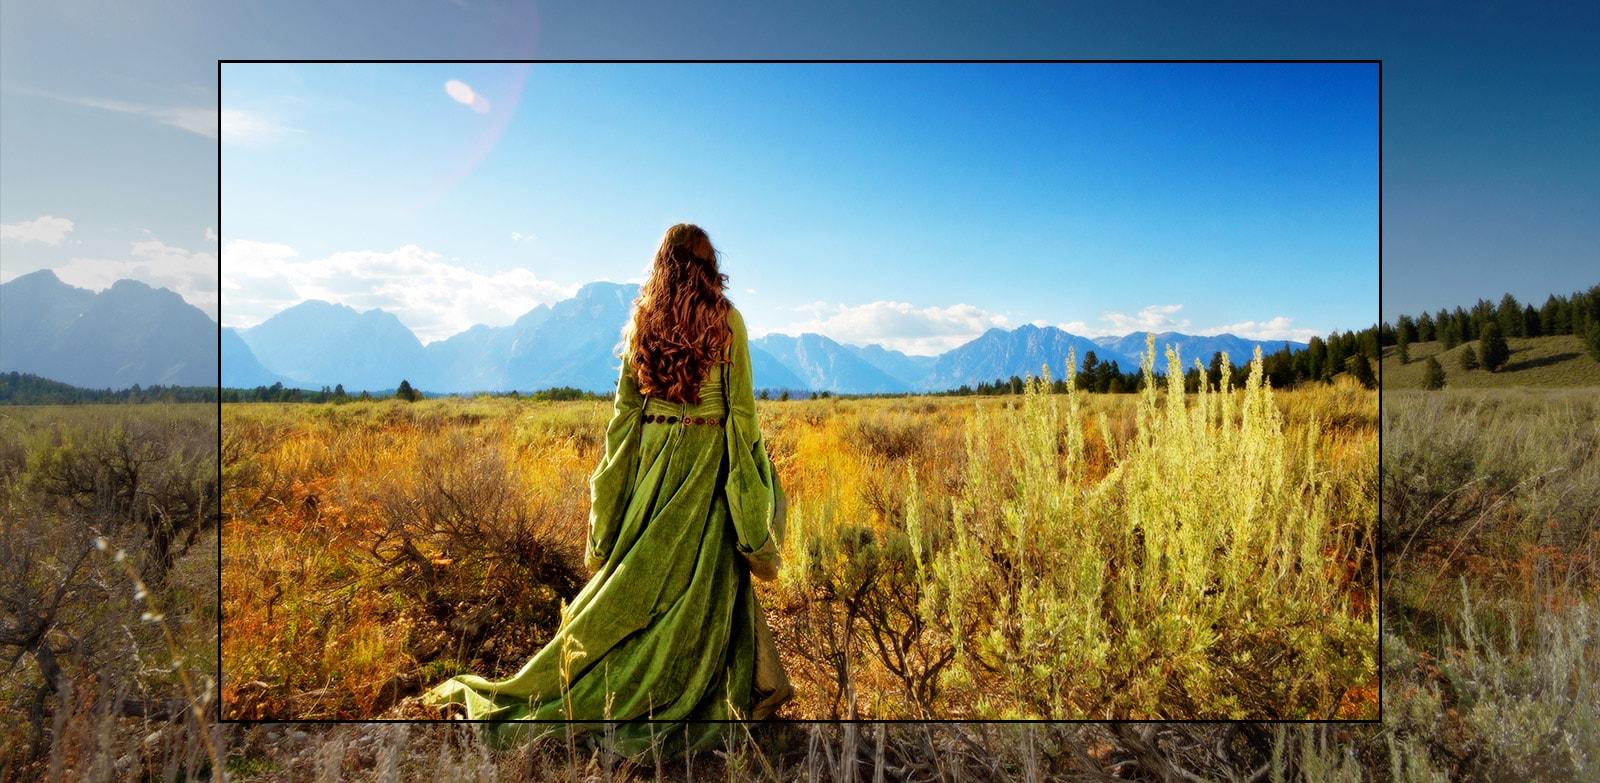 Телевизионен екран, показващ сцена от фентъзи филм с жена, която стои в полето, обърната към планината.